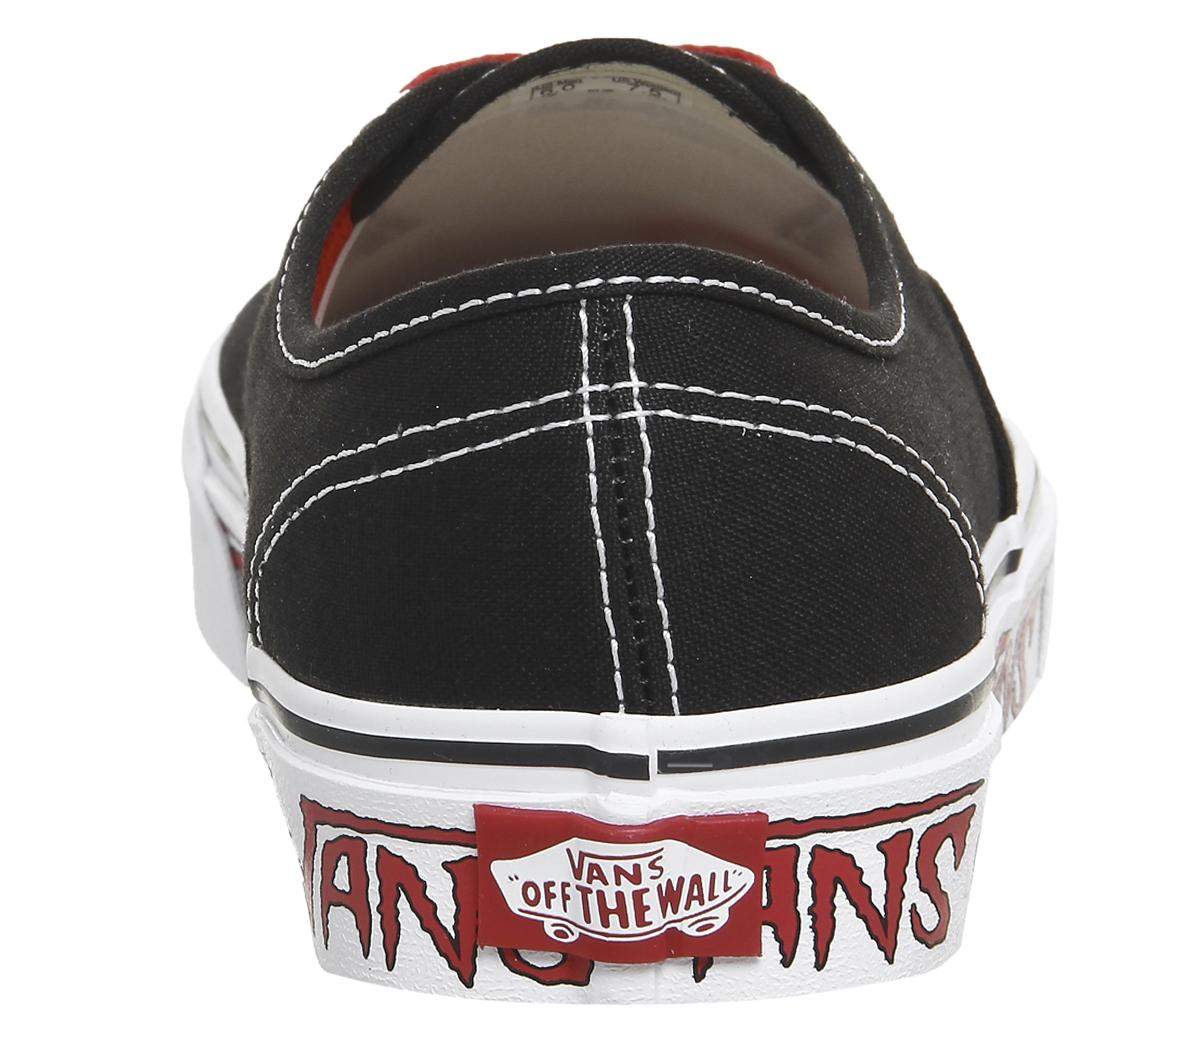 Vans Authentic Scarpe Da Ginnastica Nero Rosso Scarpe Da Ginnastica Schizzo Scarpe classiche da uomo